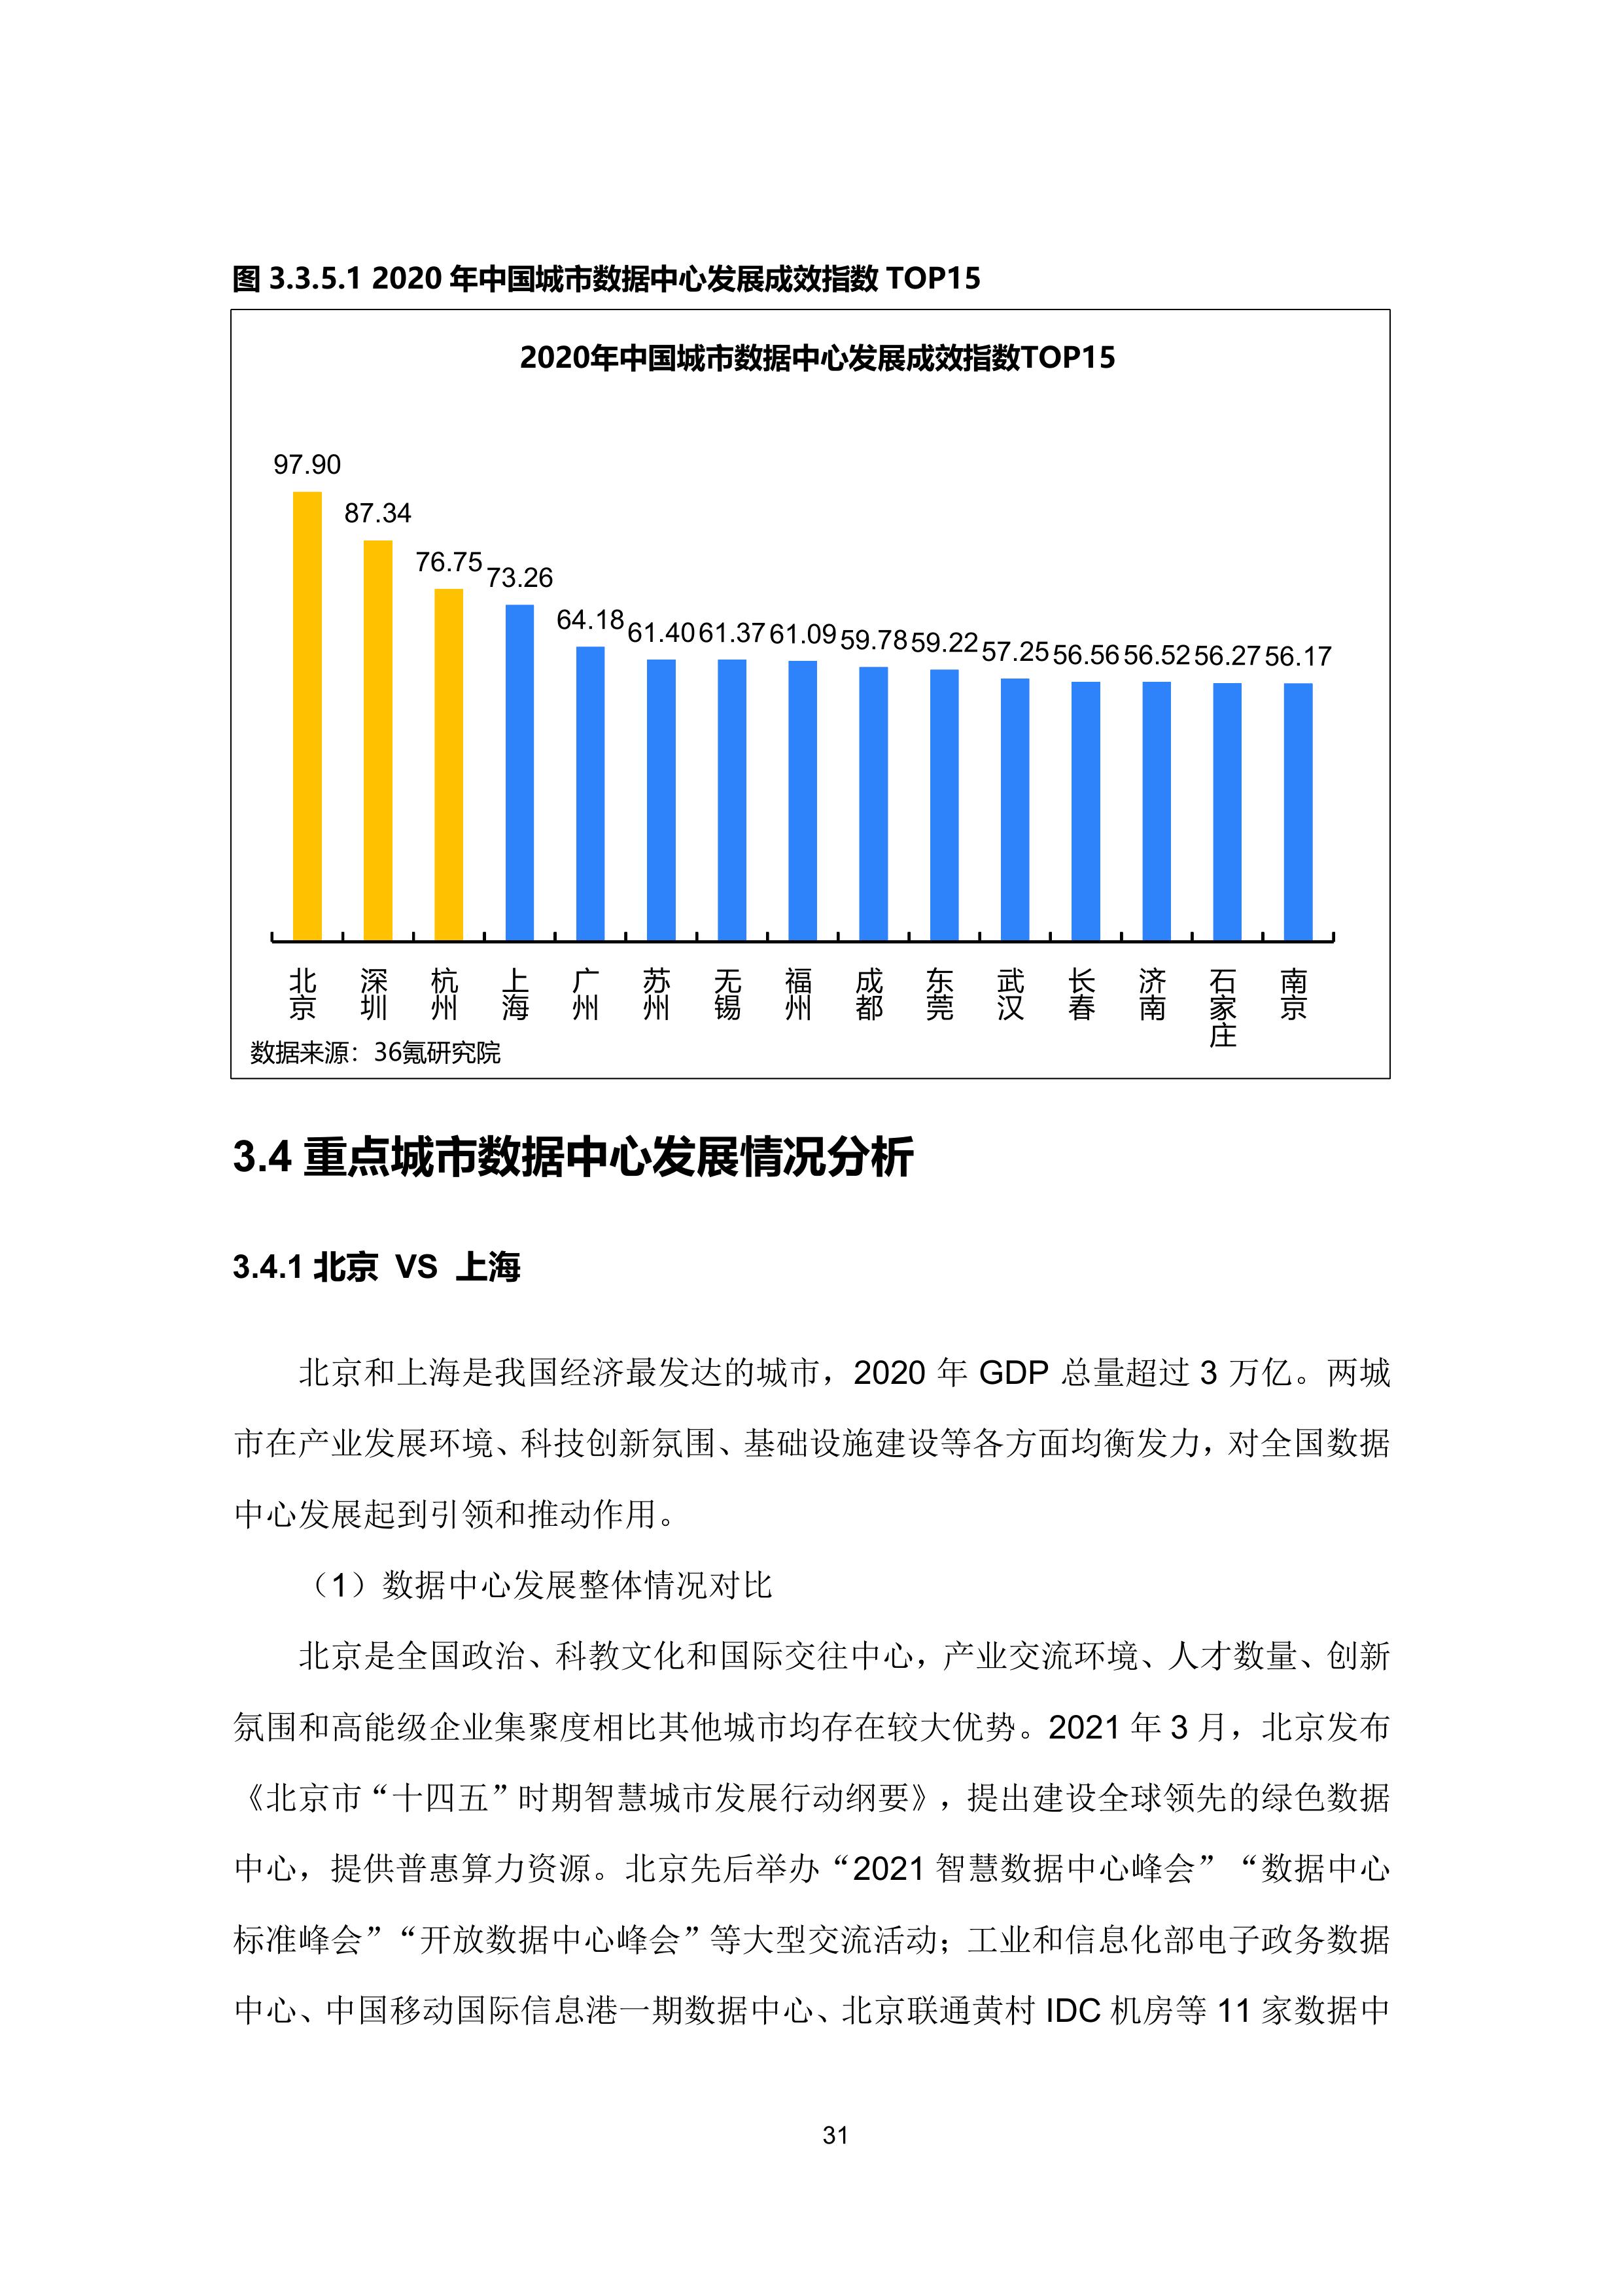 36氪研究院 - 新基建系列之:2020年中国城市数据中心发展指数报告-大菠萝官网(图42)